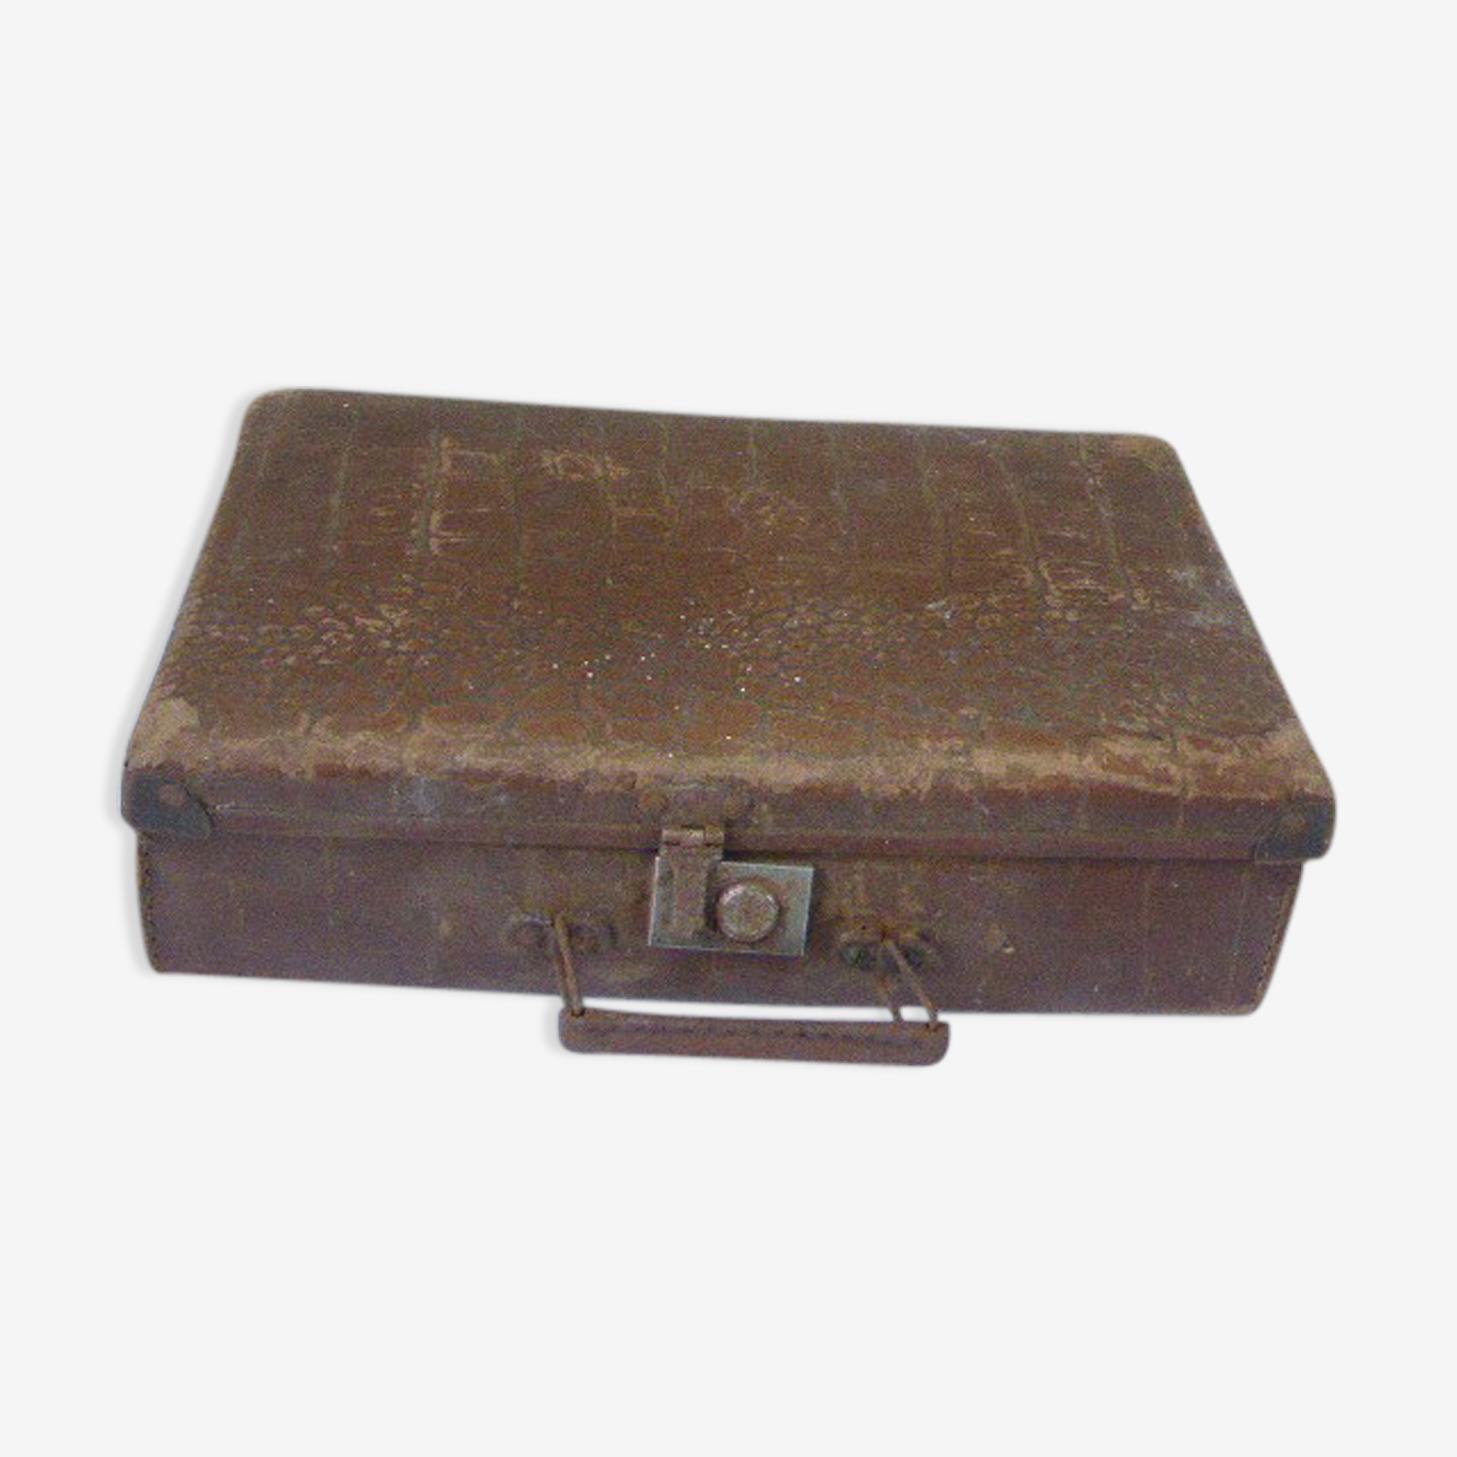 Valise en carton marron